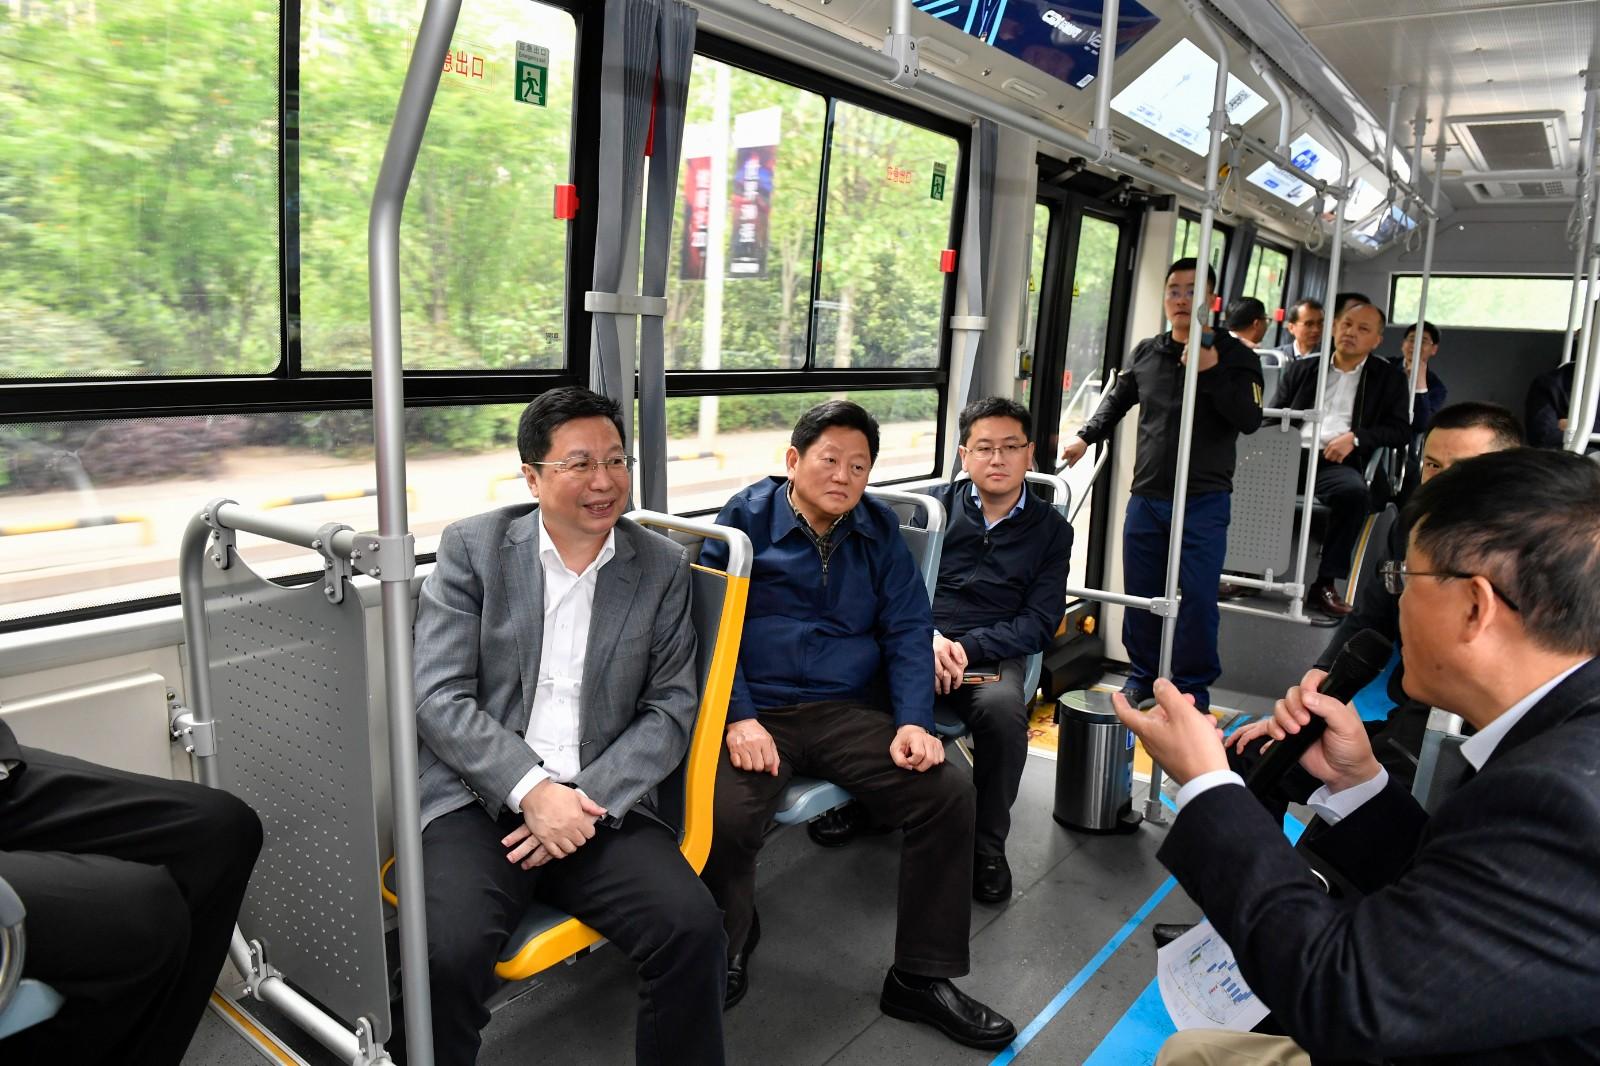 今天下午,省委常委、市委书记胡衡华到湖南湘江新区调研智能汽车产业,现场体验智能网联公交优先示范线。长沙晚报全媒体记者 余劭劼 摄